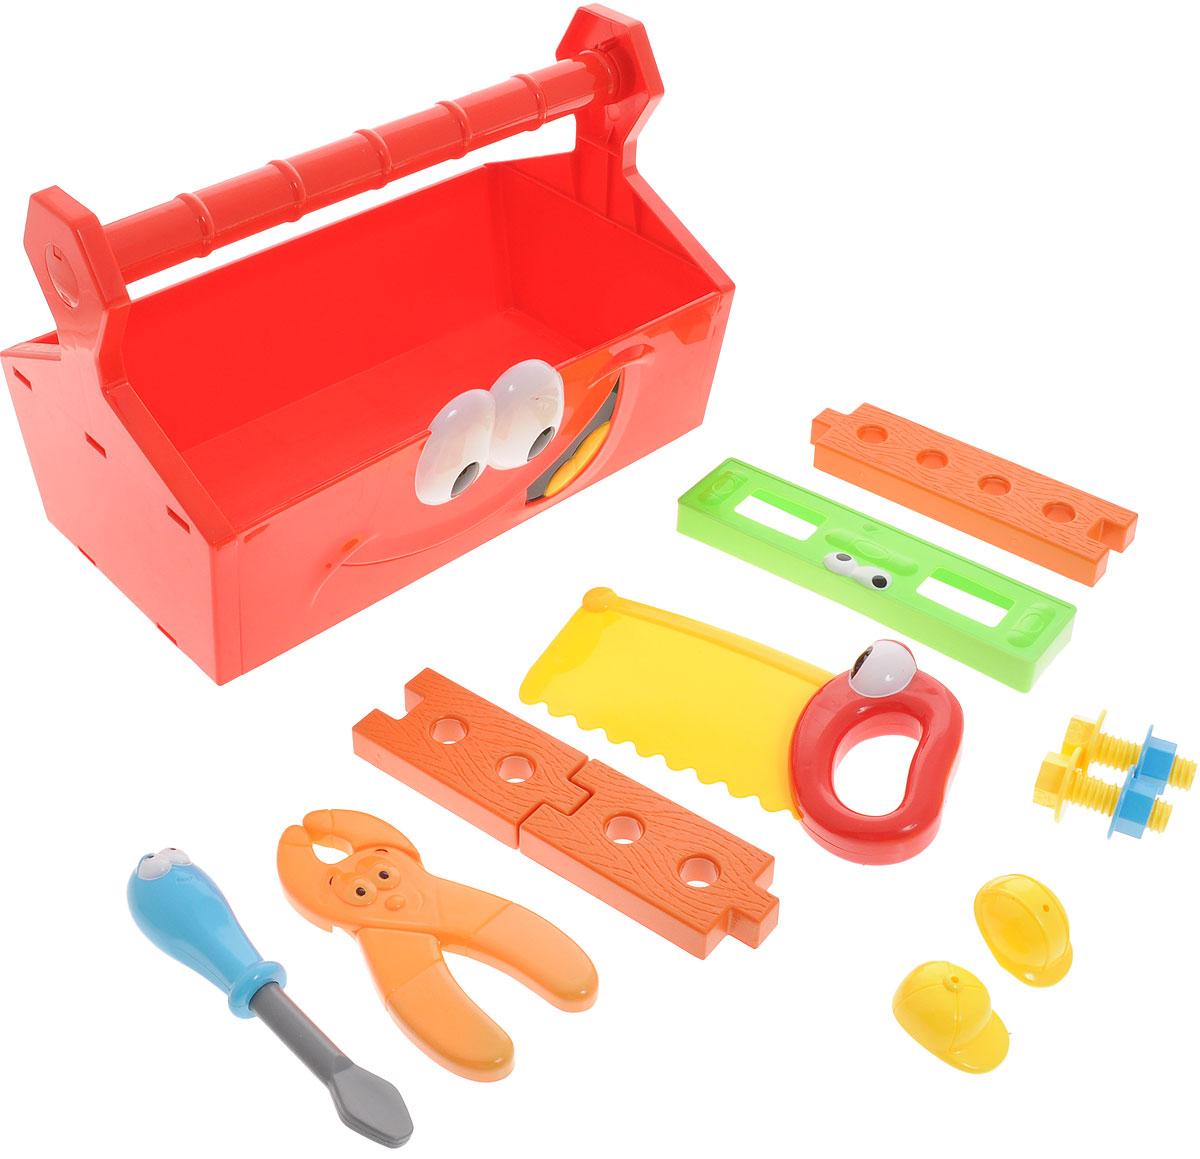 Boley Игровой набор Инструменты с ящиком31701Набор игрушечных инструментов Boley серии Buddy Toolz - великолепный набор для юного строителя. Легкие и яркие пластиковые инструменты сделают вашу домашнюю мастерскую безопасной для ребенка. Набор содержит отвертку, плоскогубцы, пилу, уровень, 2 болта, 2 гайки, 3 деревянные дощечки, 2 каски. Все инструменты упакованы в специальный ящик с удобной ручкой. Игрушки помогут маленькому мастеру познакомиться с основными видами инструментов и получить навык работы с ними. Предметы, входящие в набор, замечательно подходят для дидактических и ролевых игр, знакомят с социальными ролями, развивают моторные навыки. Порадуйте своего ребенка таким чудесным набором!